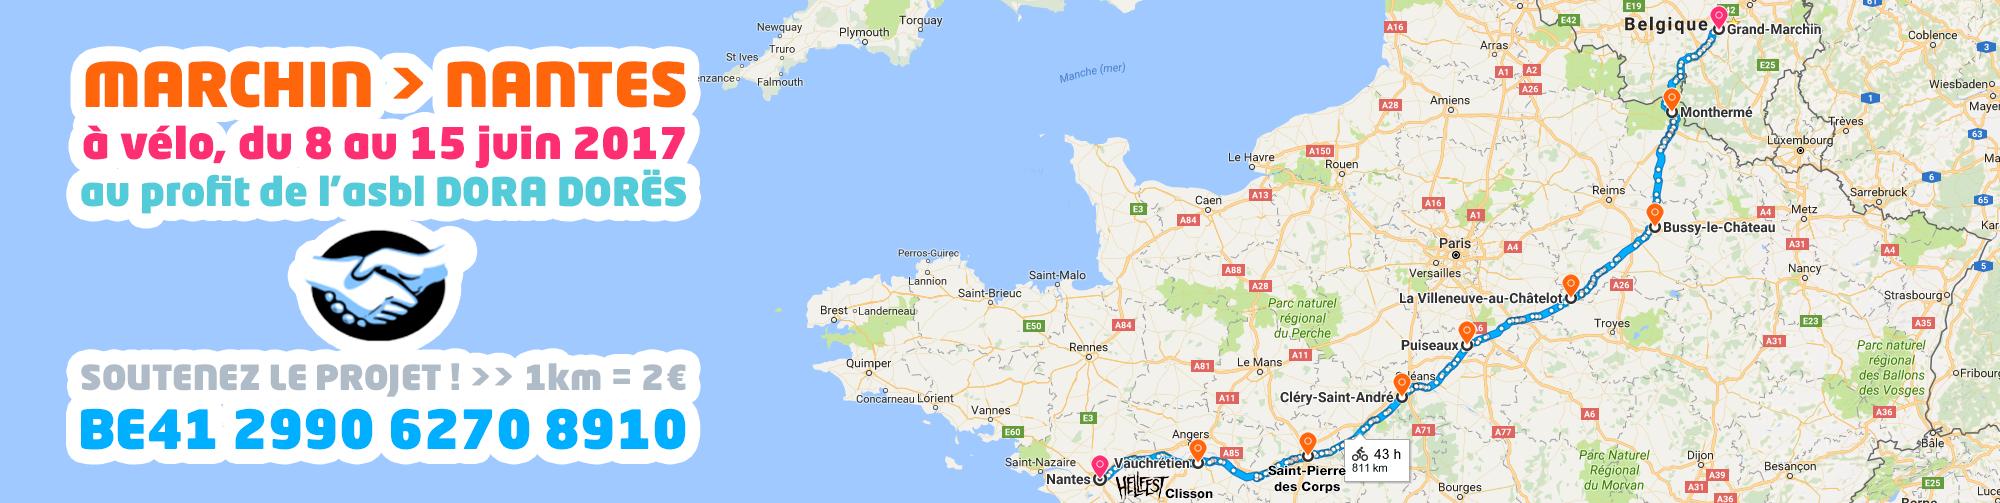 Marchin – Nantes à vélo